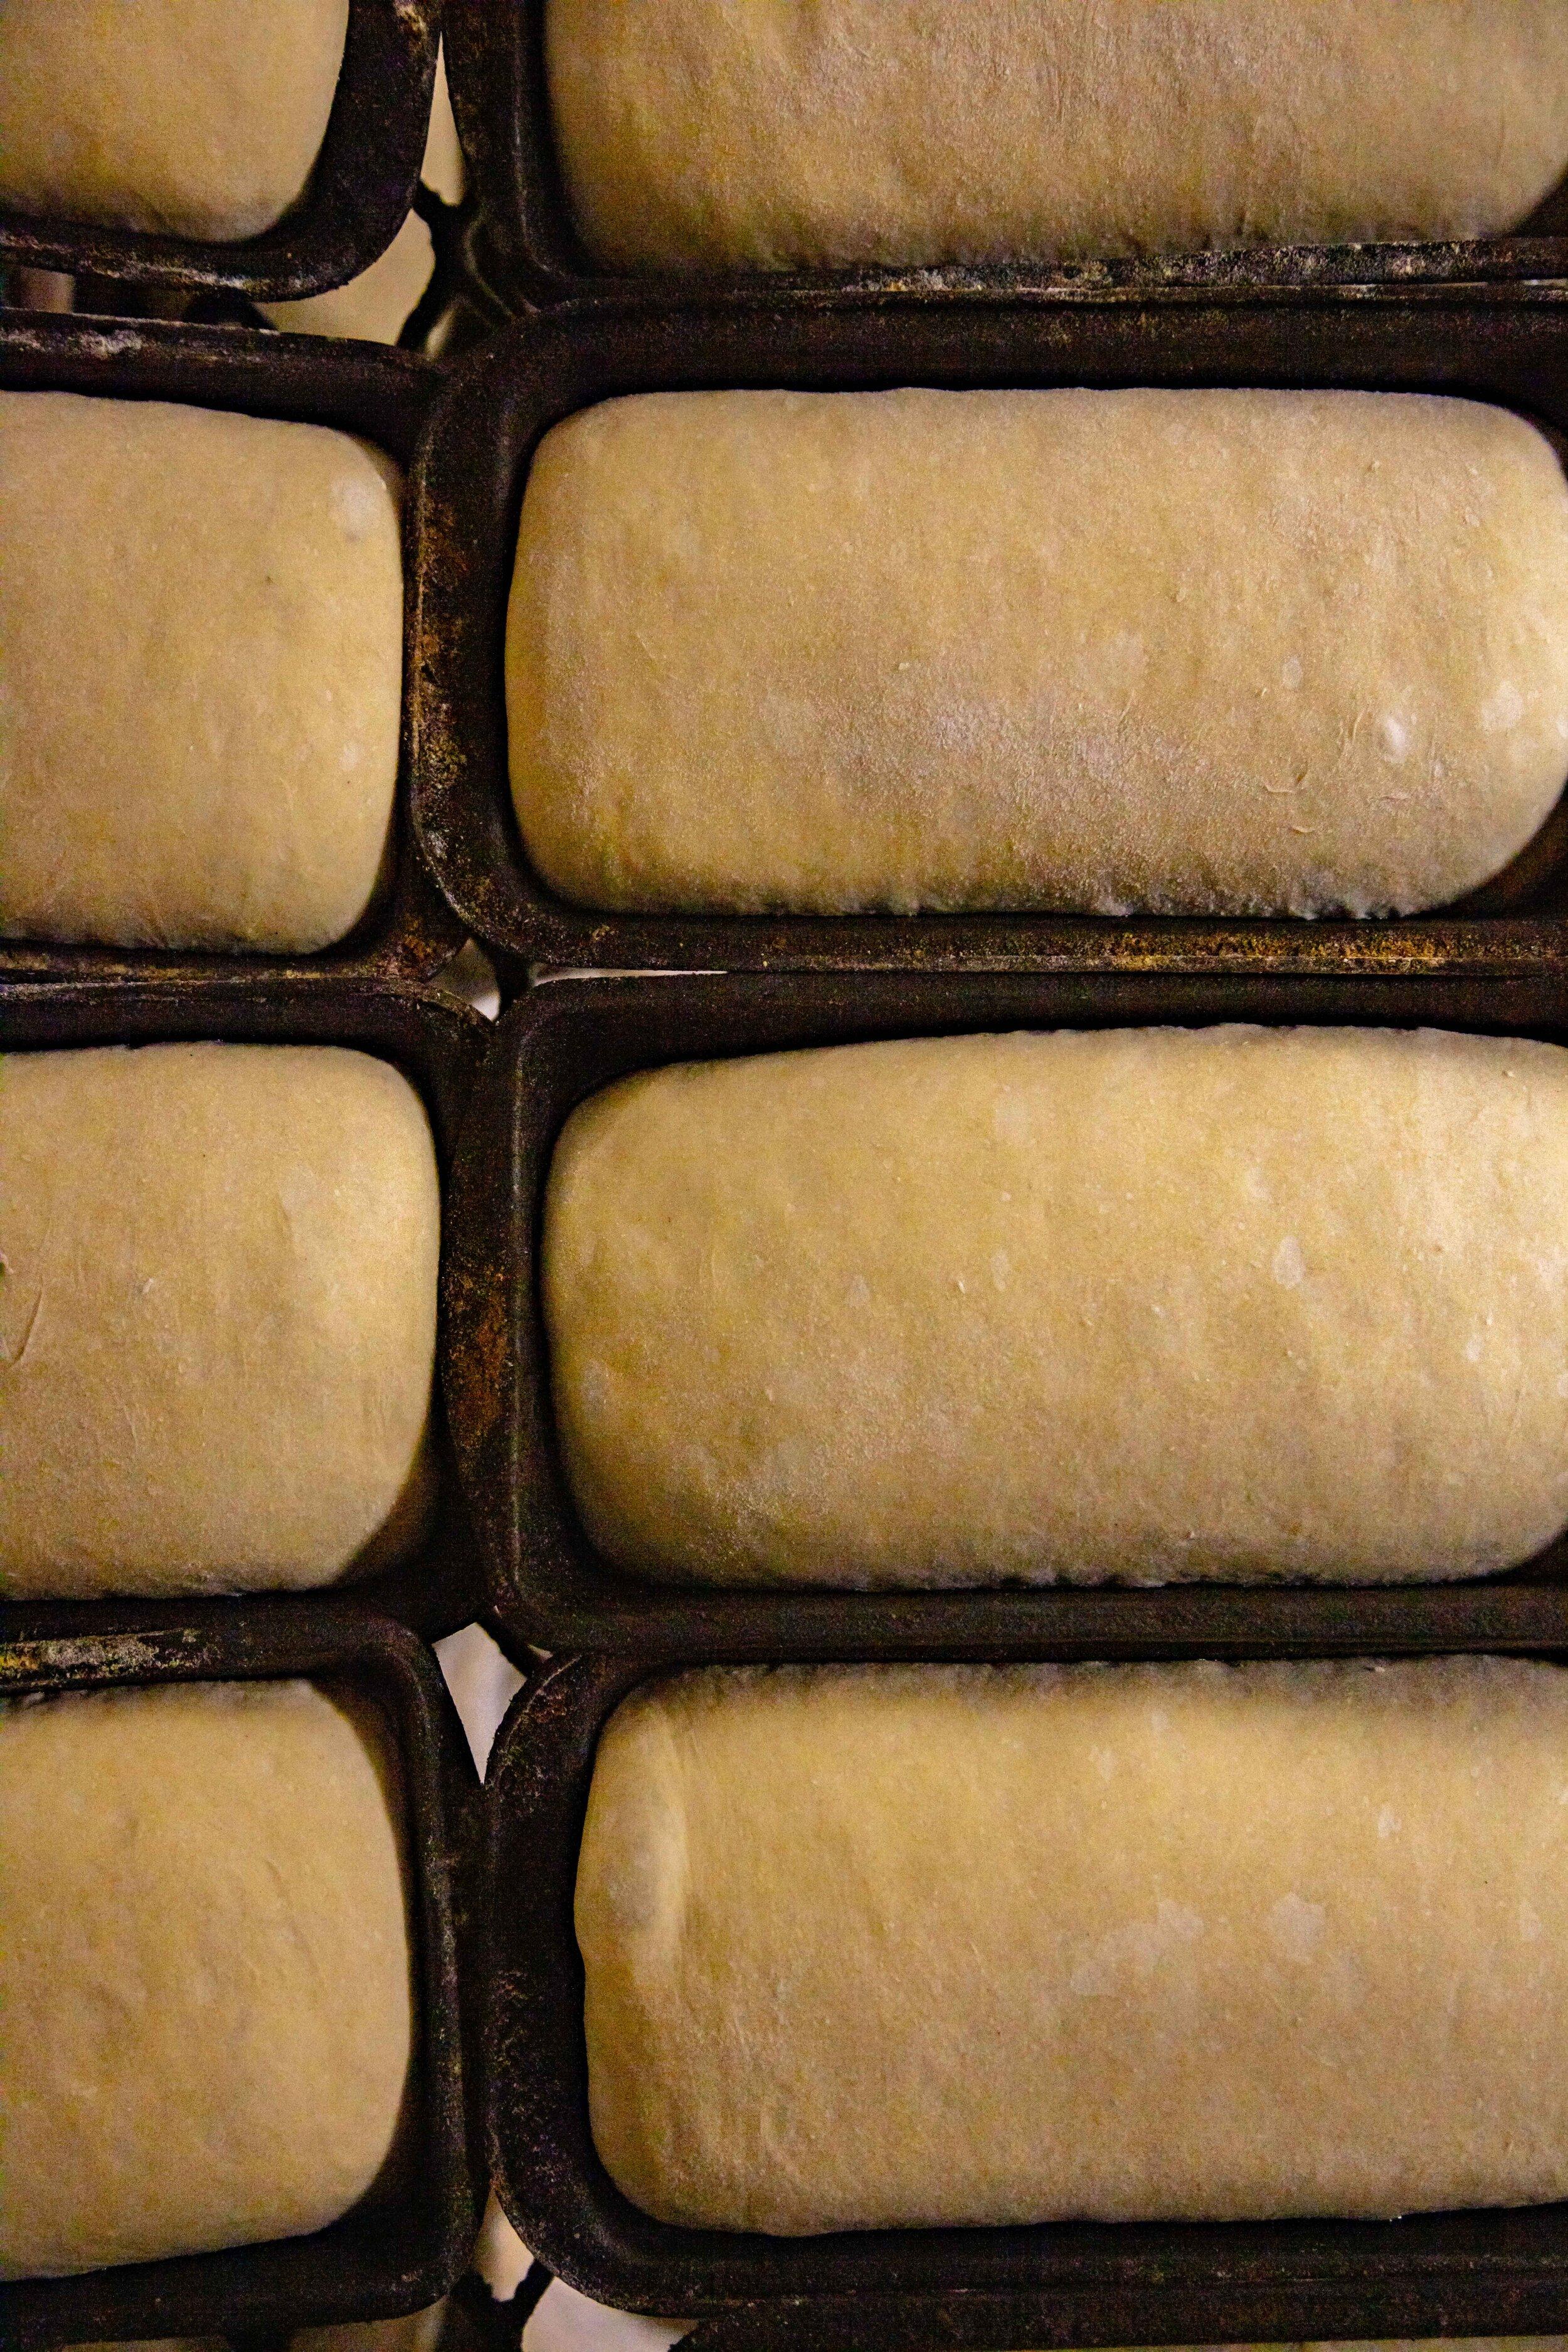 JAN Journal 3 - Bread Gypsy-15.jpg